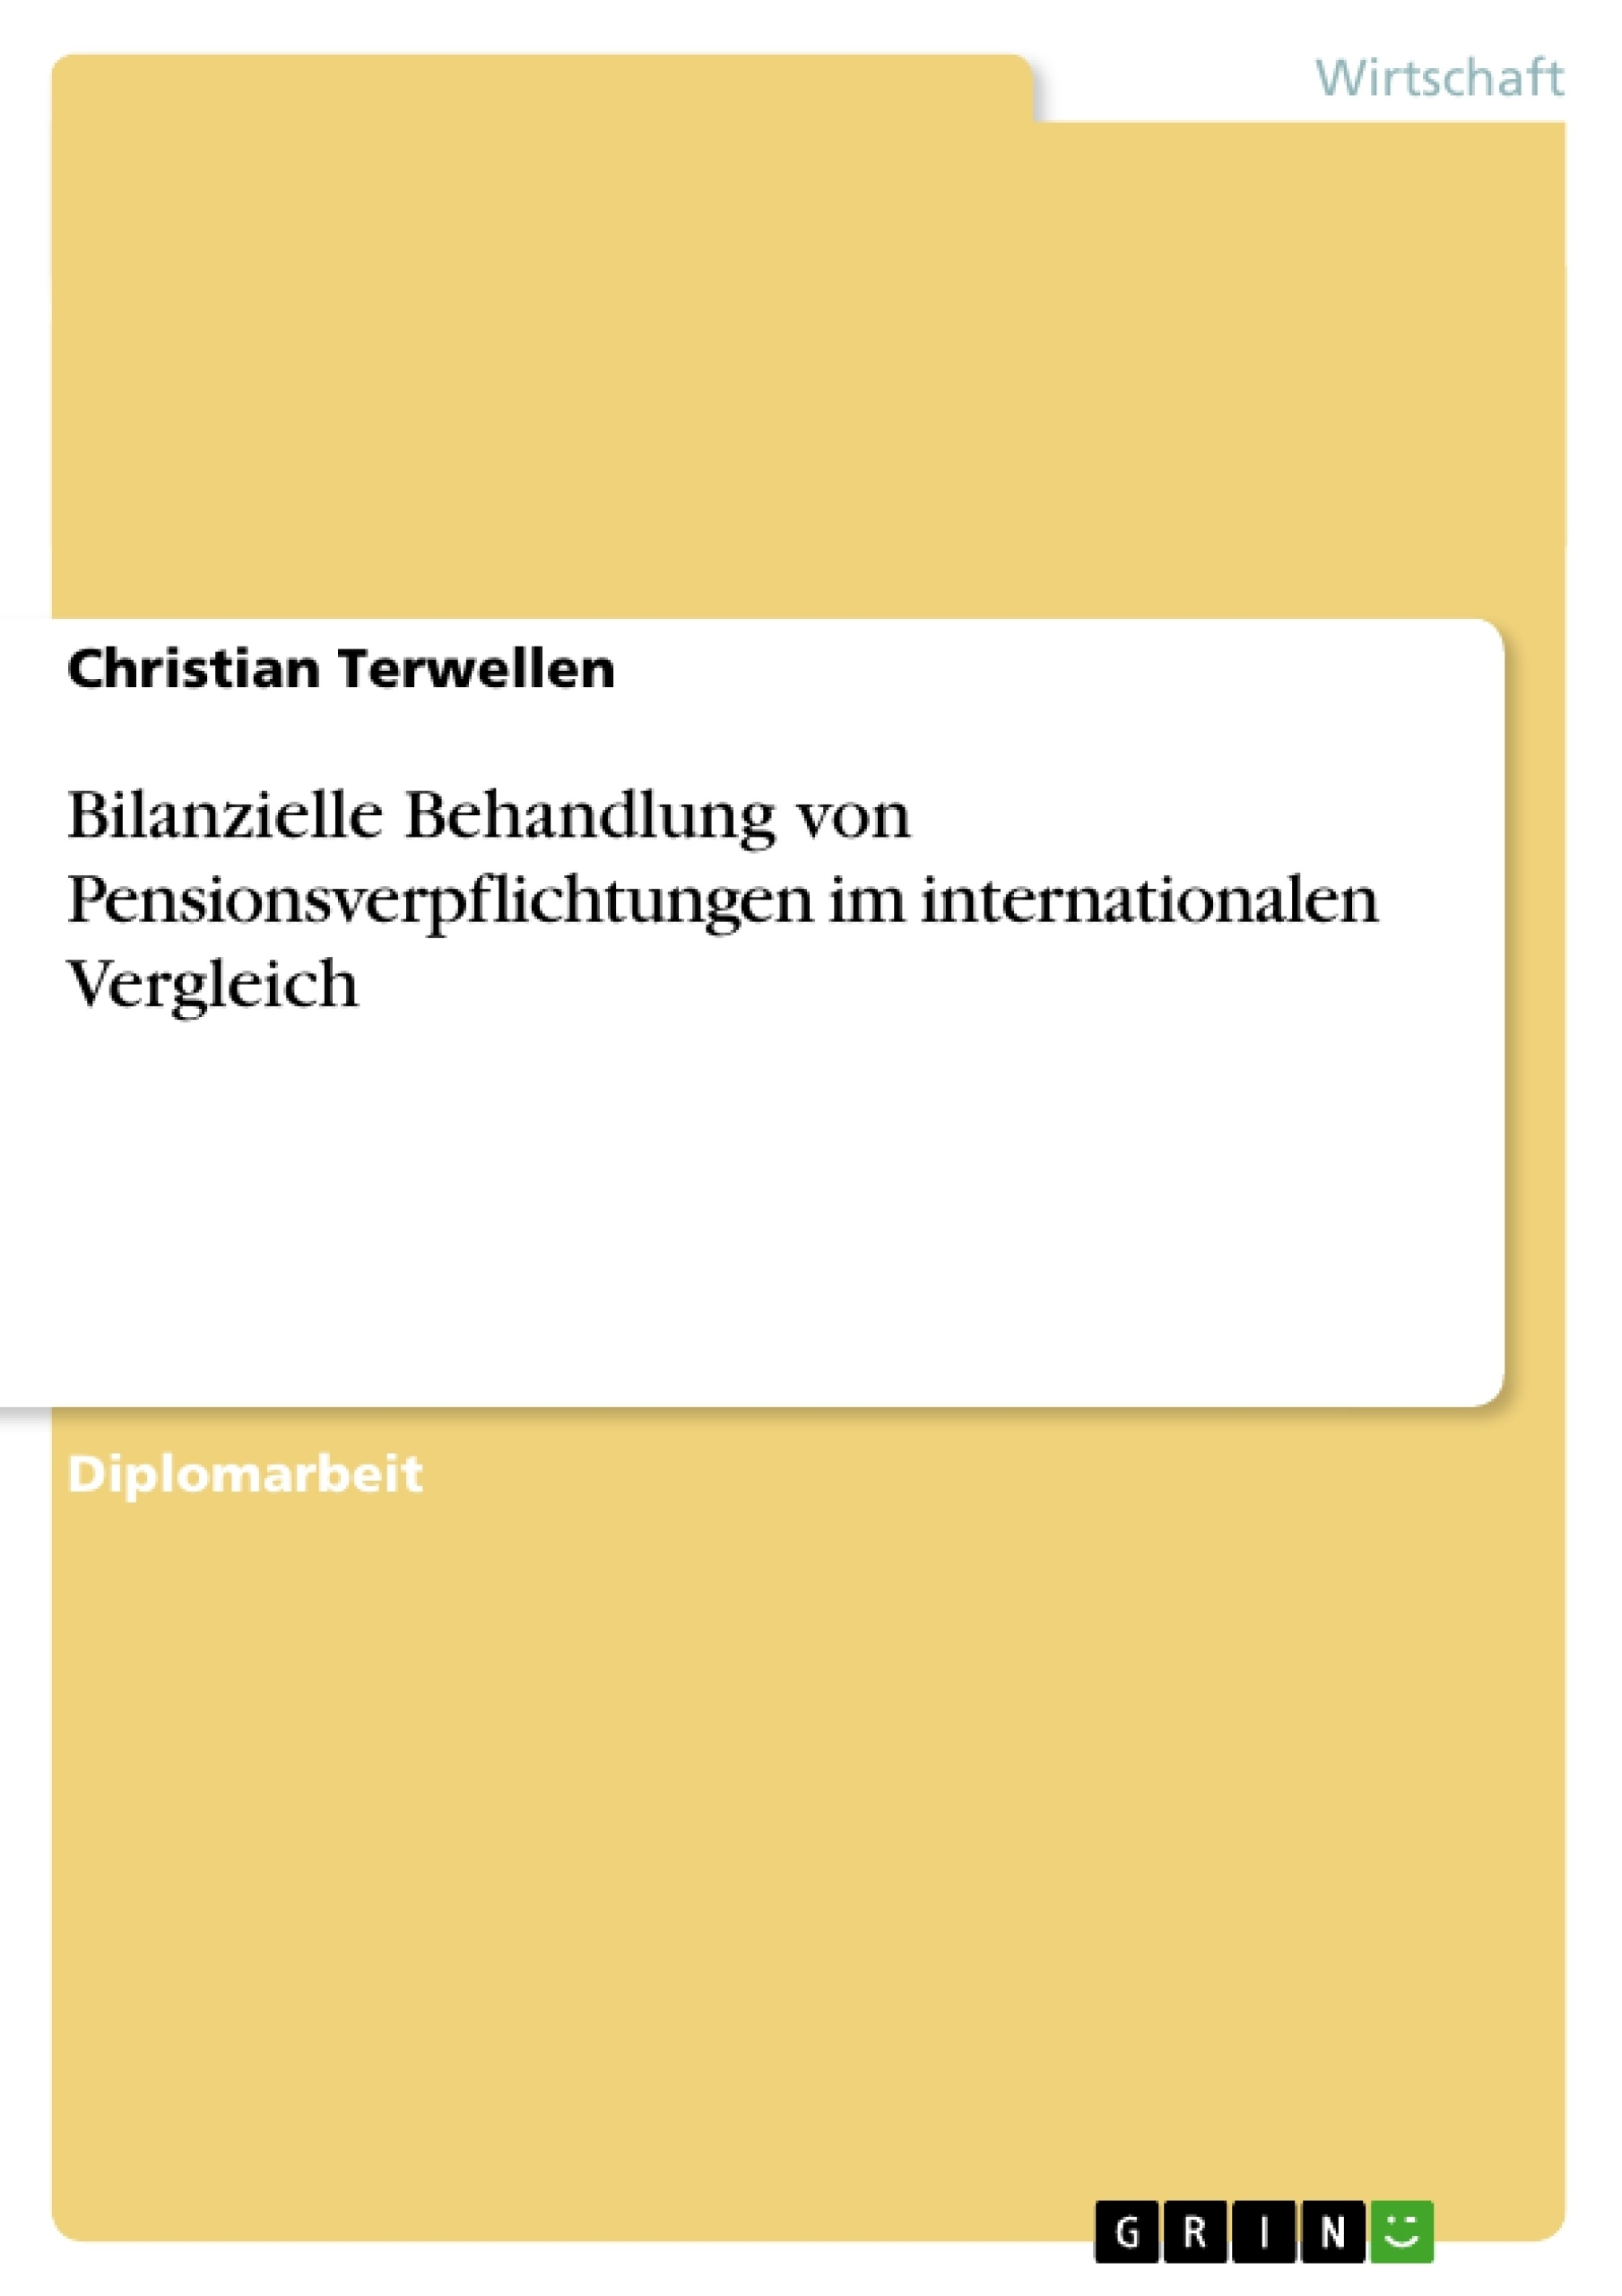 Titel: Bilanzielle Behandlung von Pensionsverpflichtungen im internationalen Vergleich